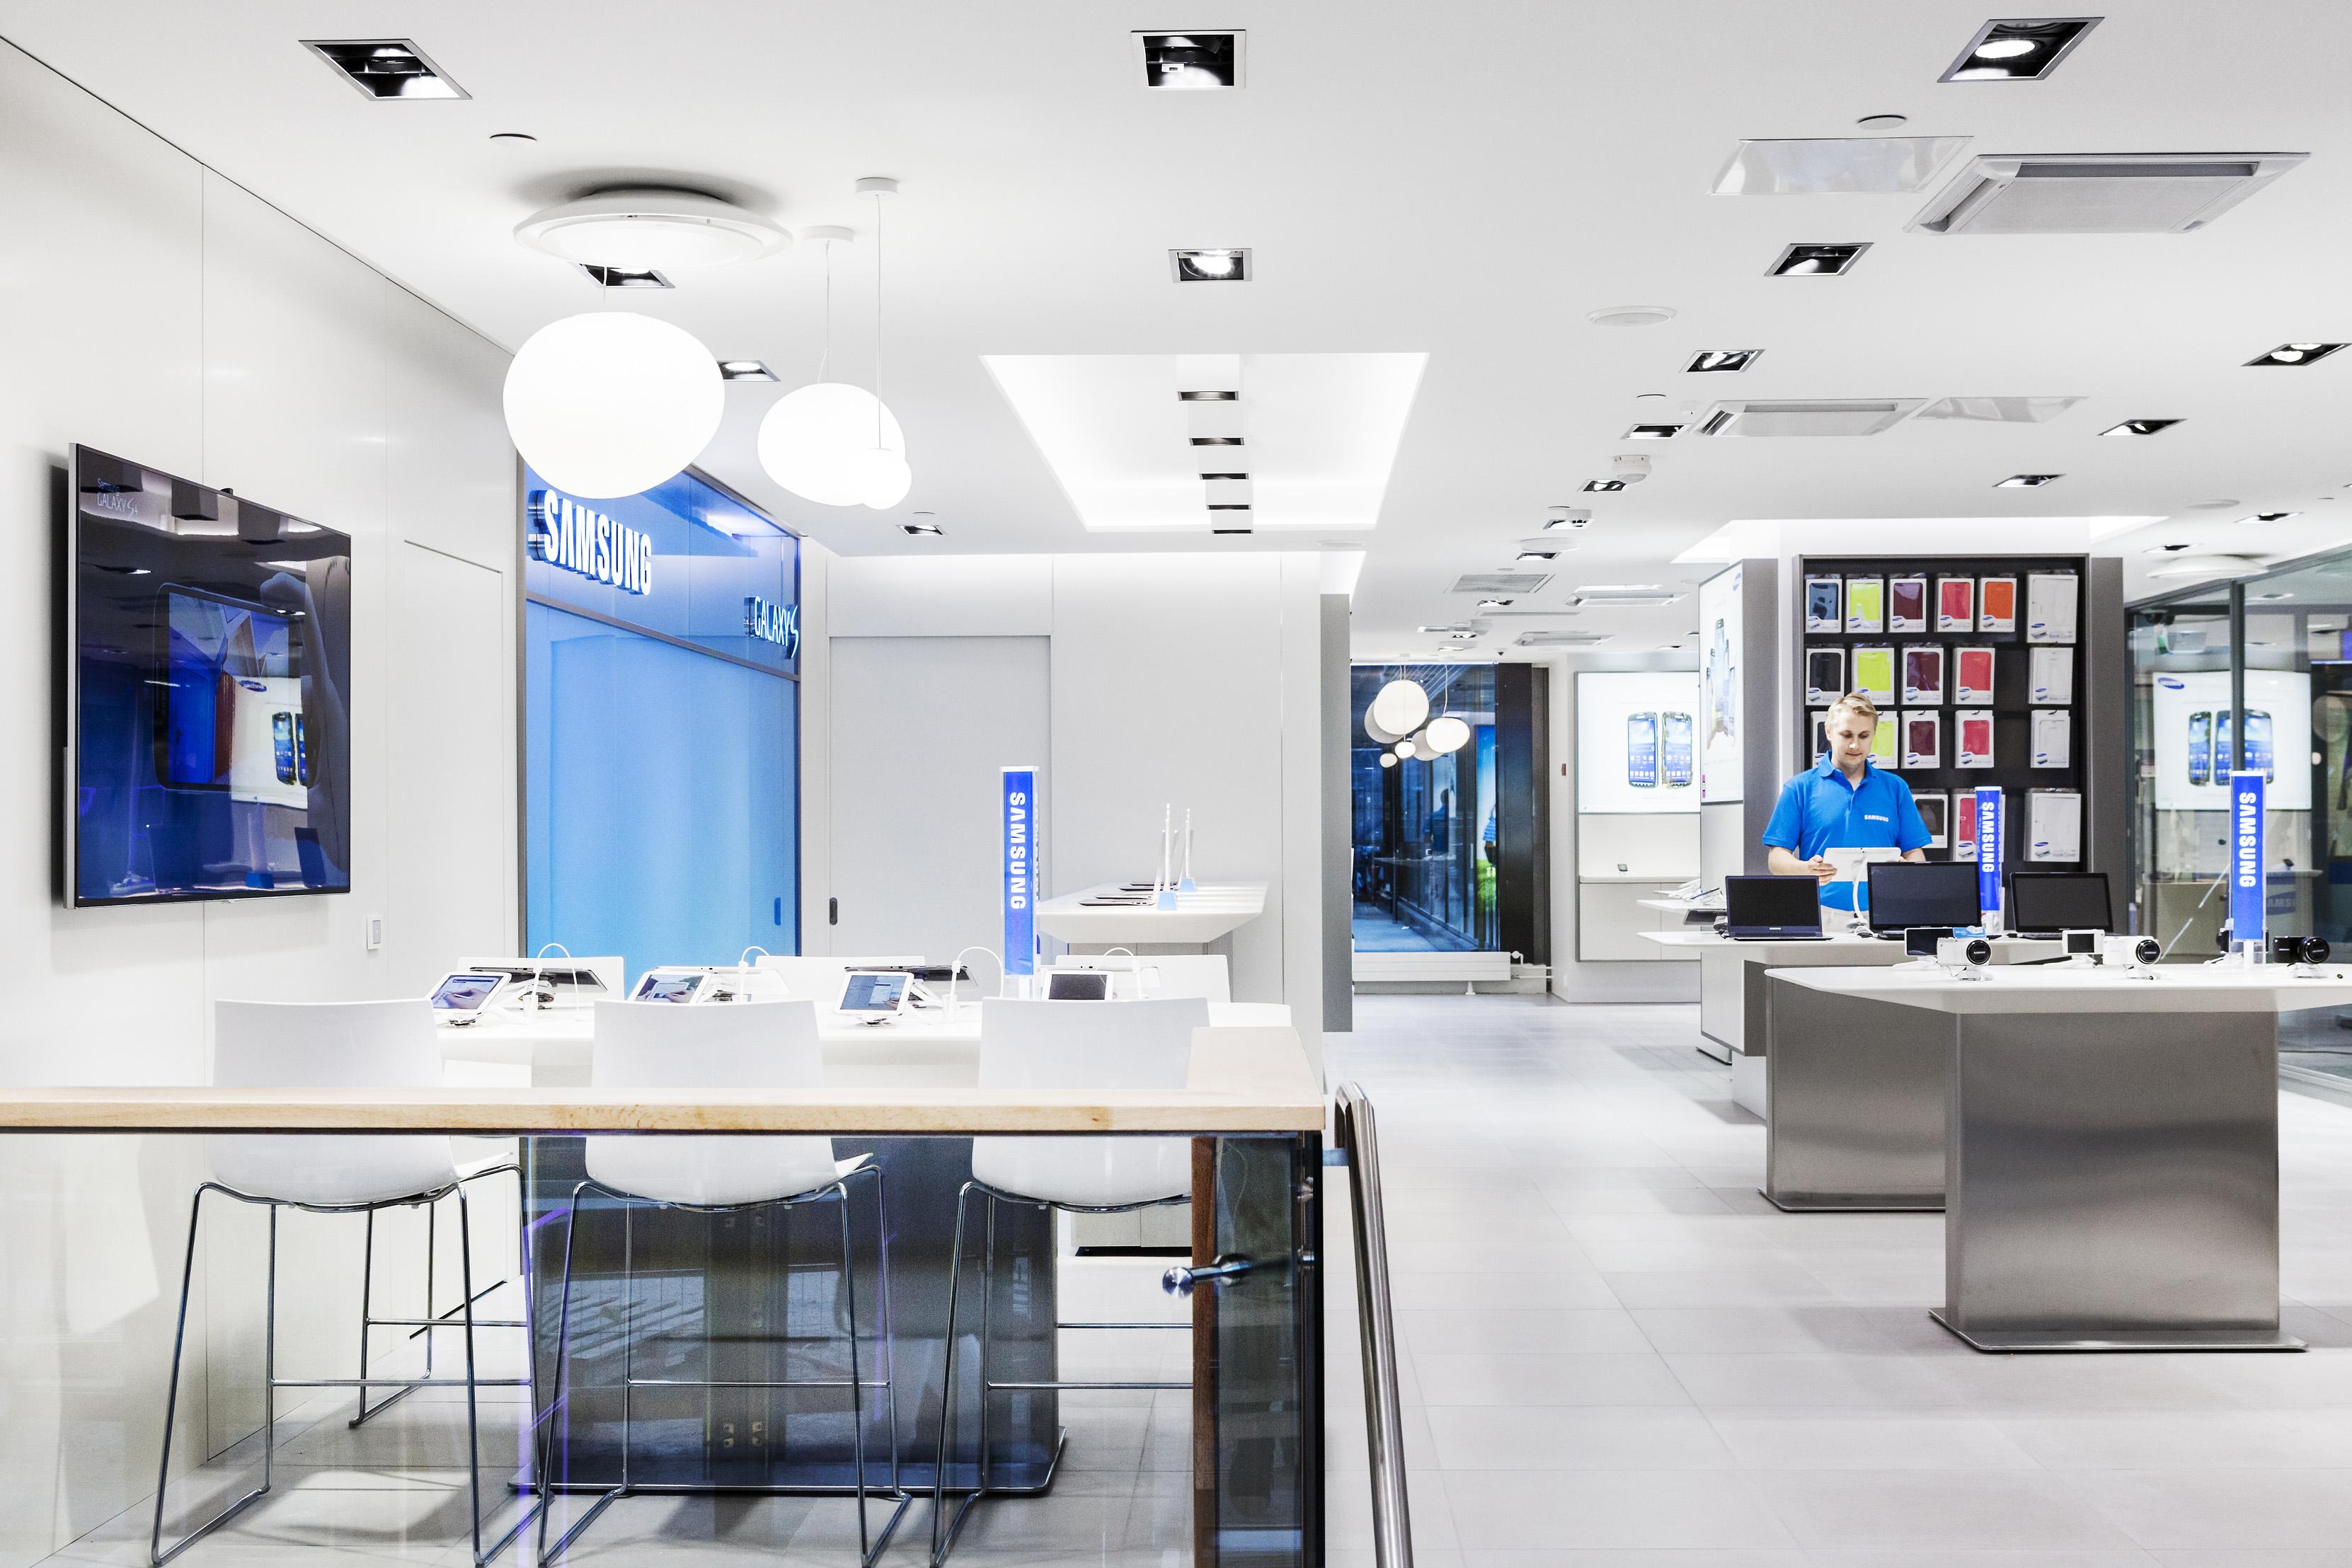 Samsungin myymälä Citycenter-kauppakeskuksessa